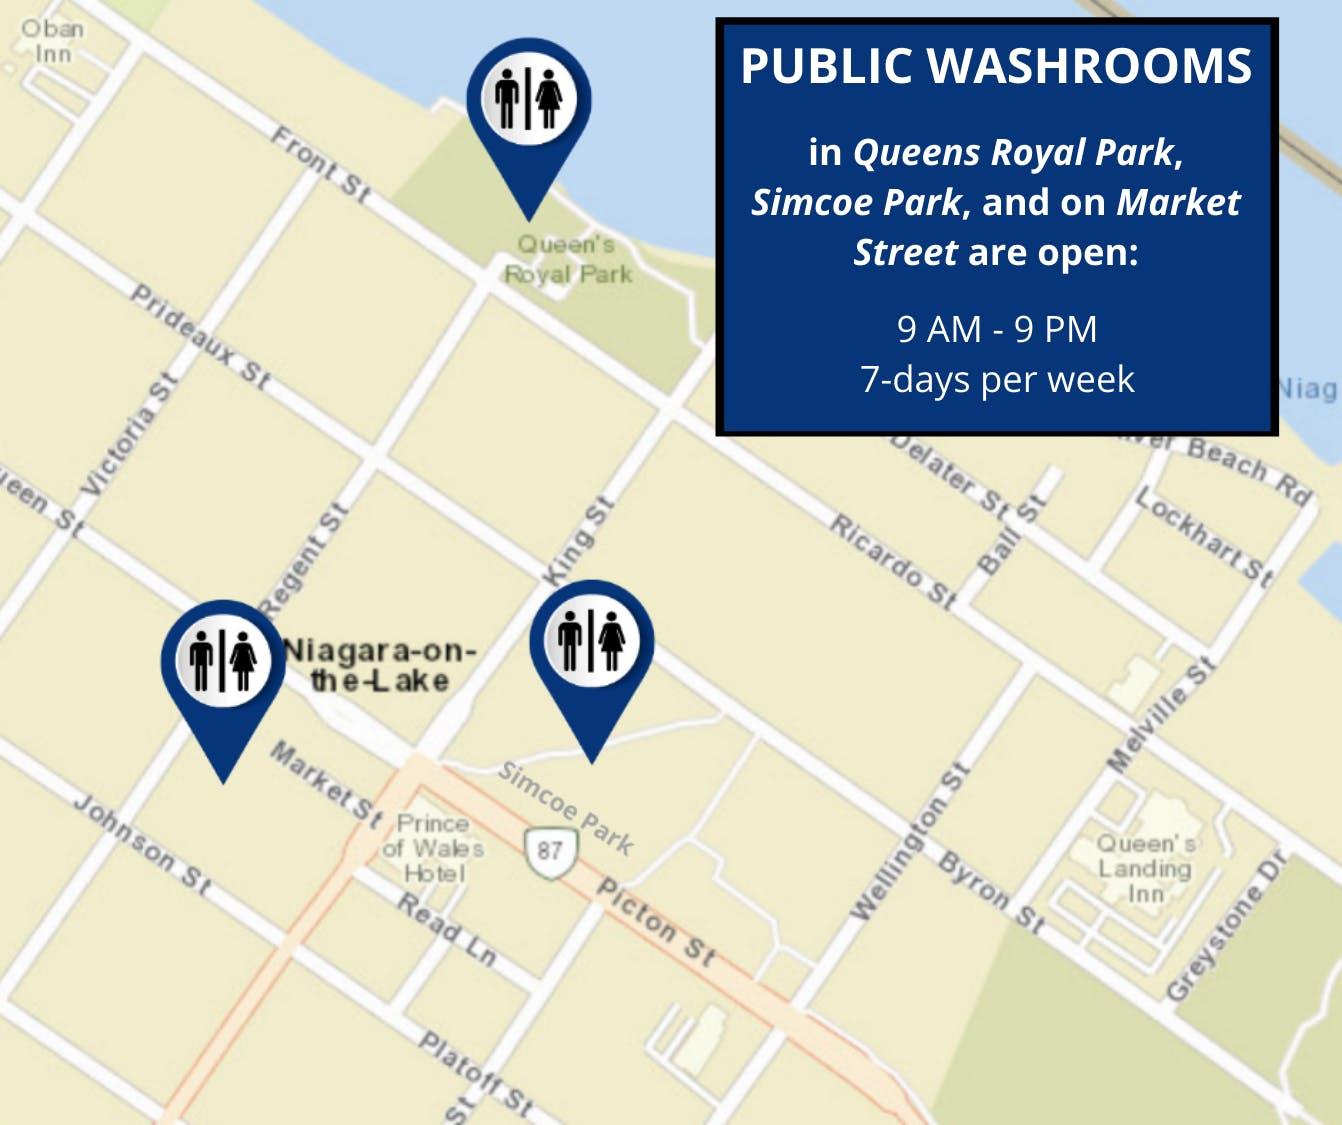 Public Washrooms